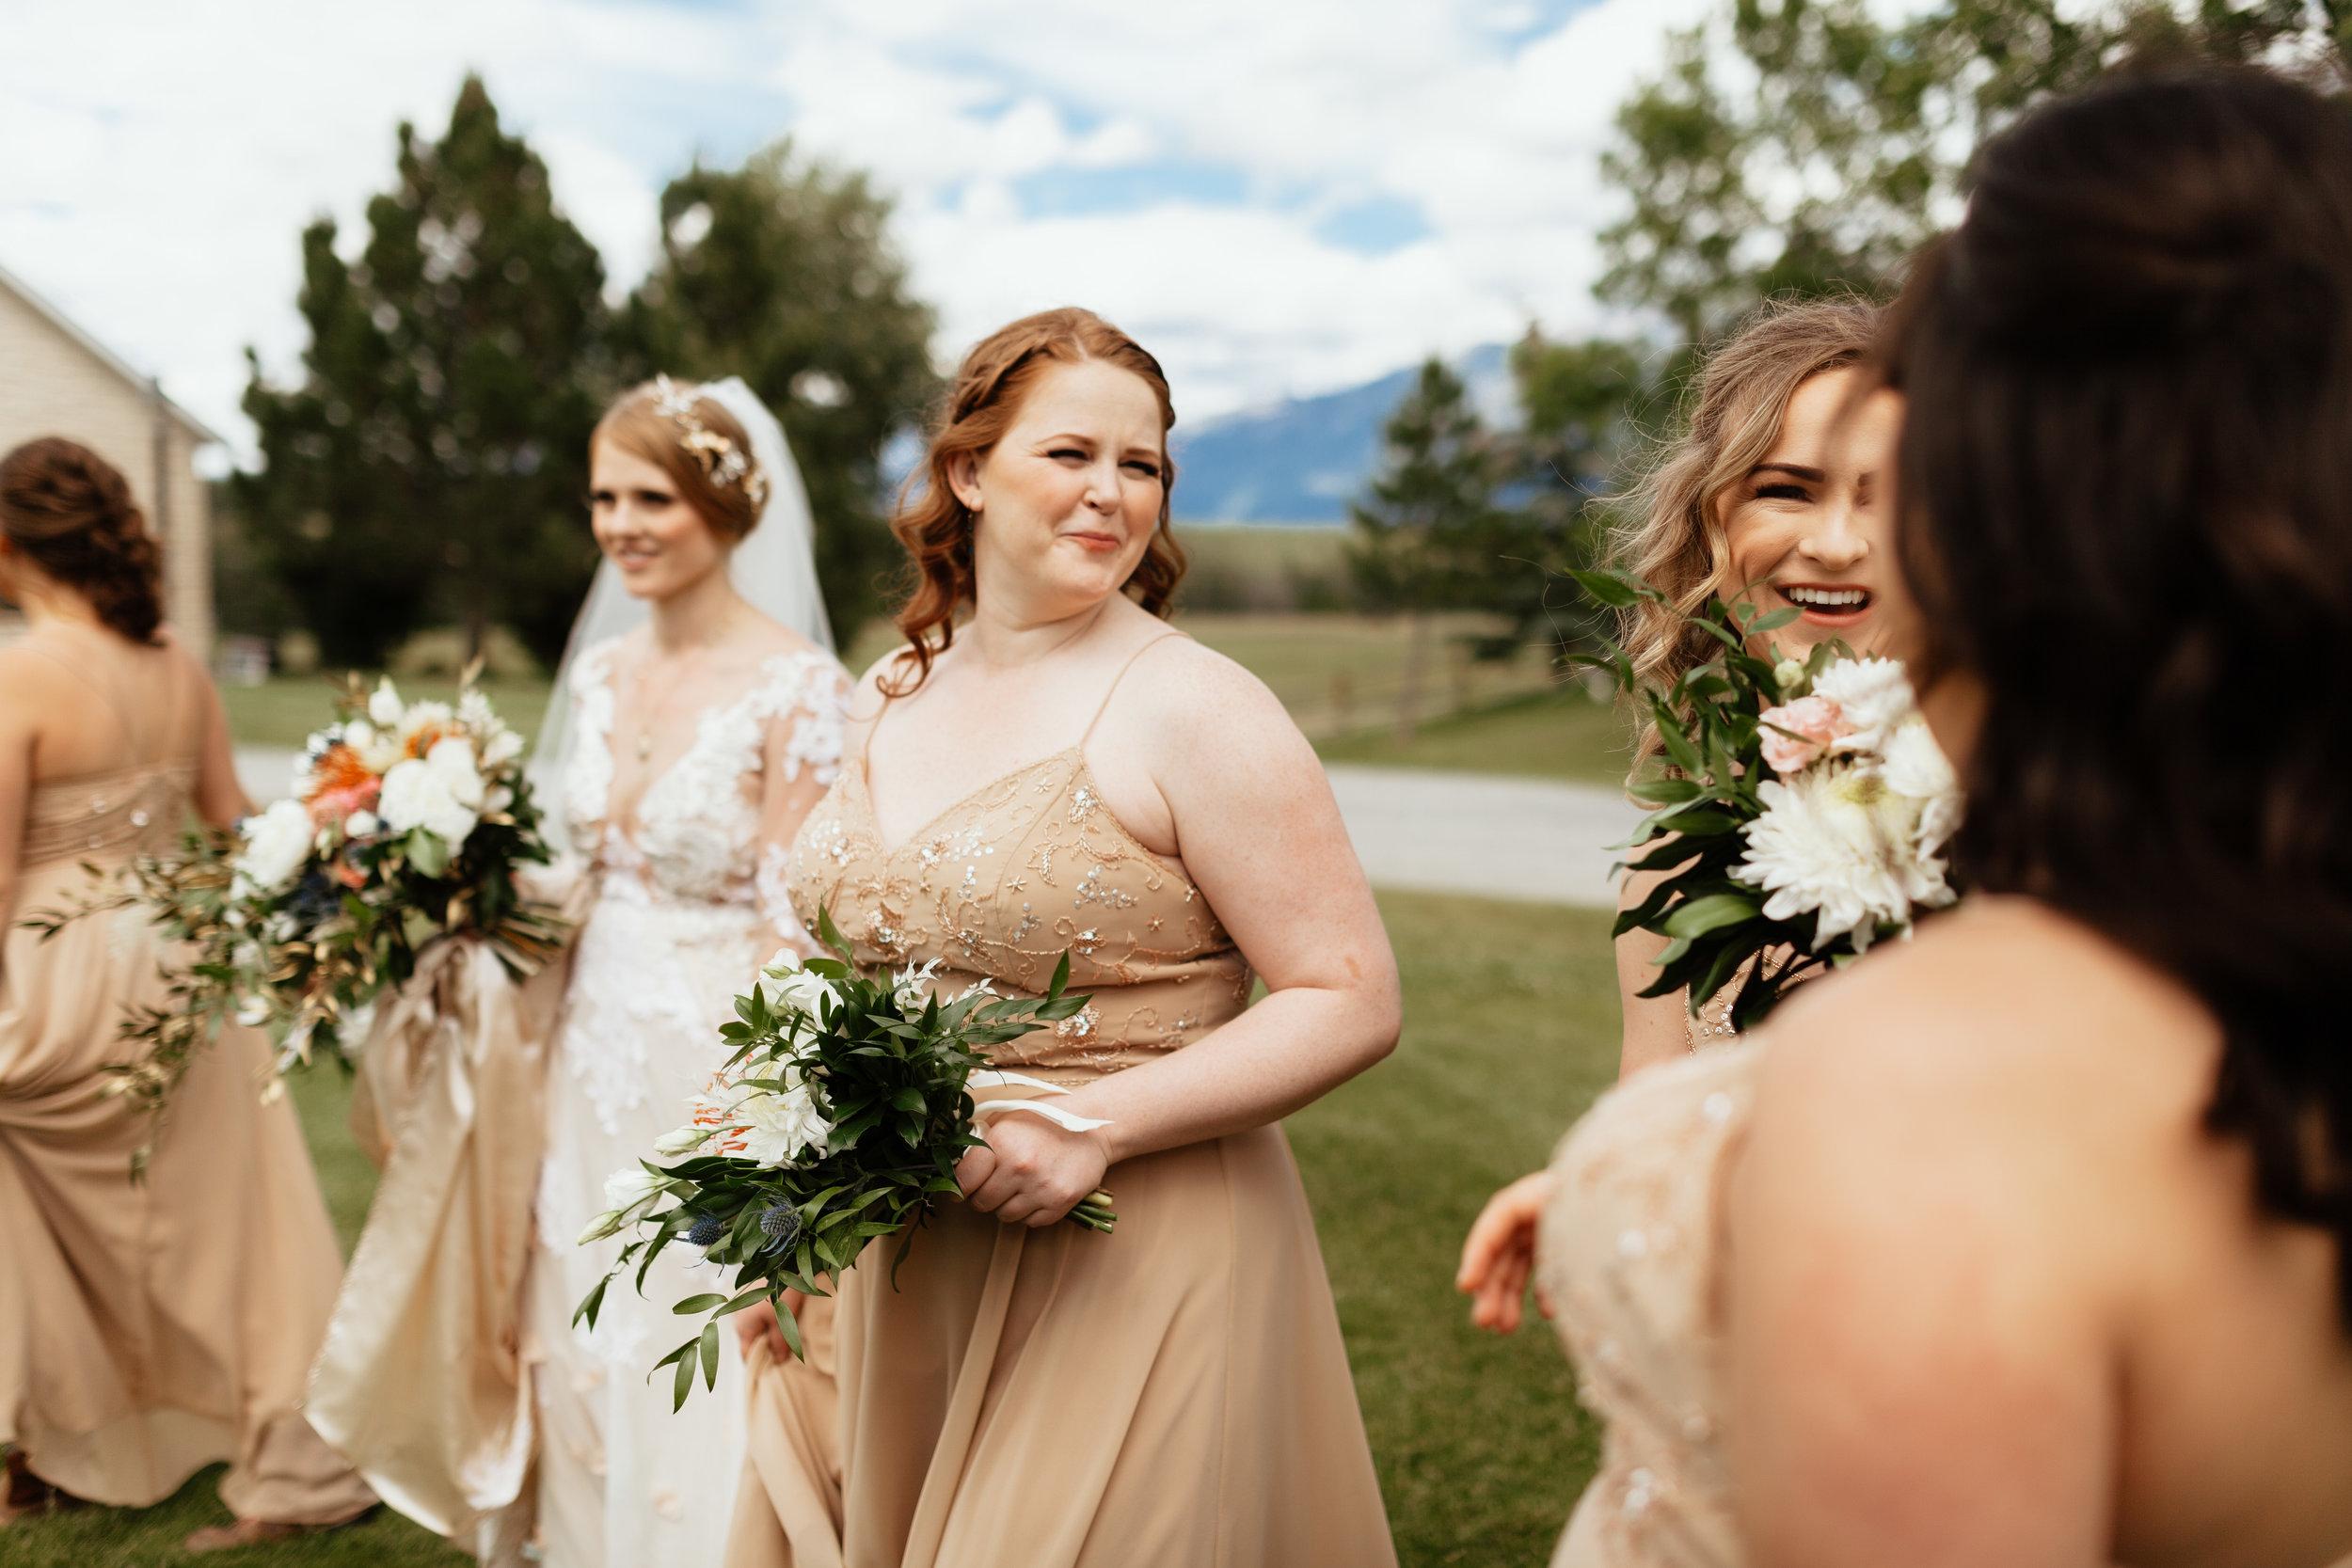 Dave + Amanda 4 - Bridal Portraits-90.jpg